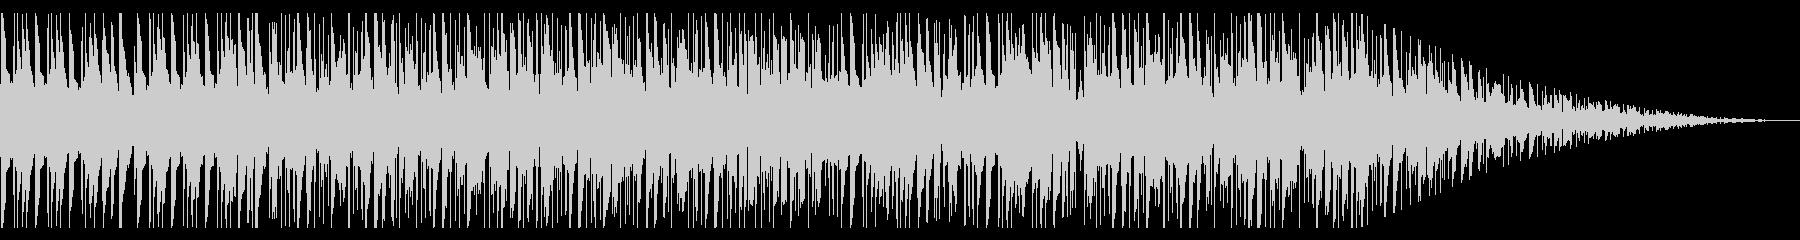 レコードで聴いている様なチルBGM_2の未再生の波形